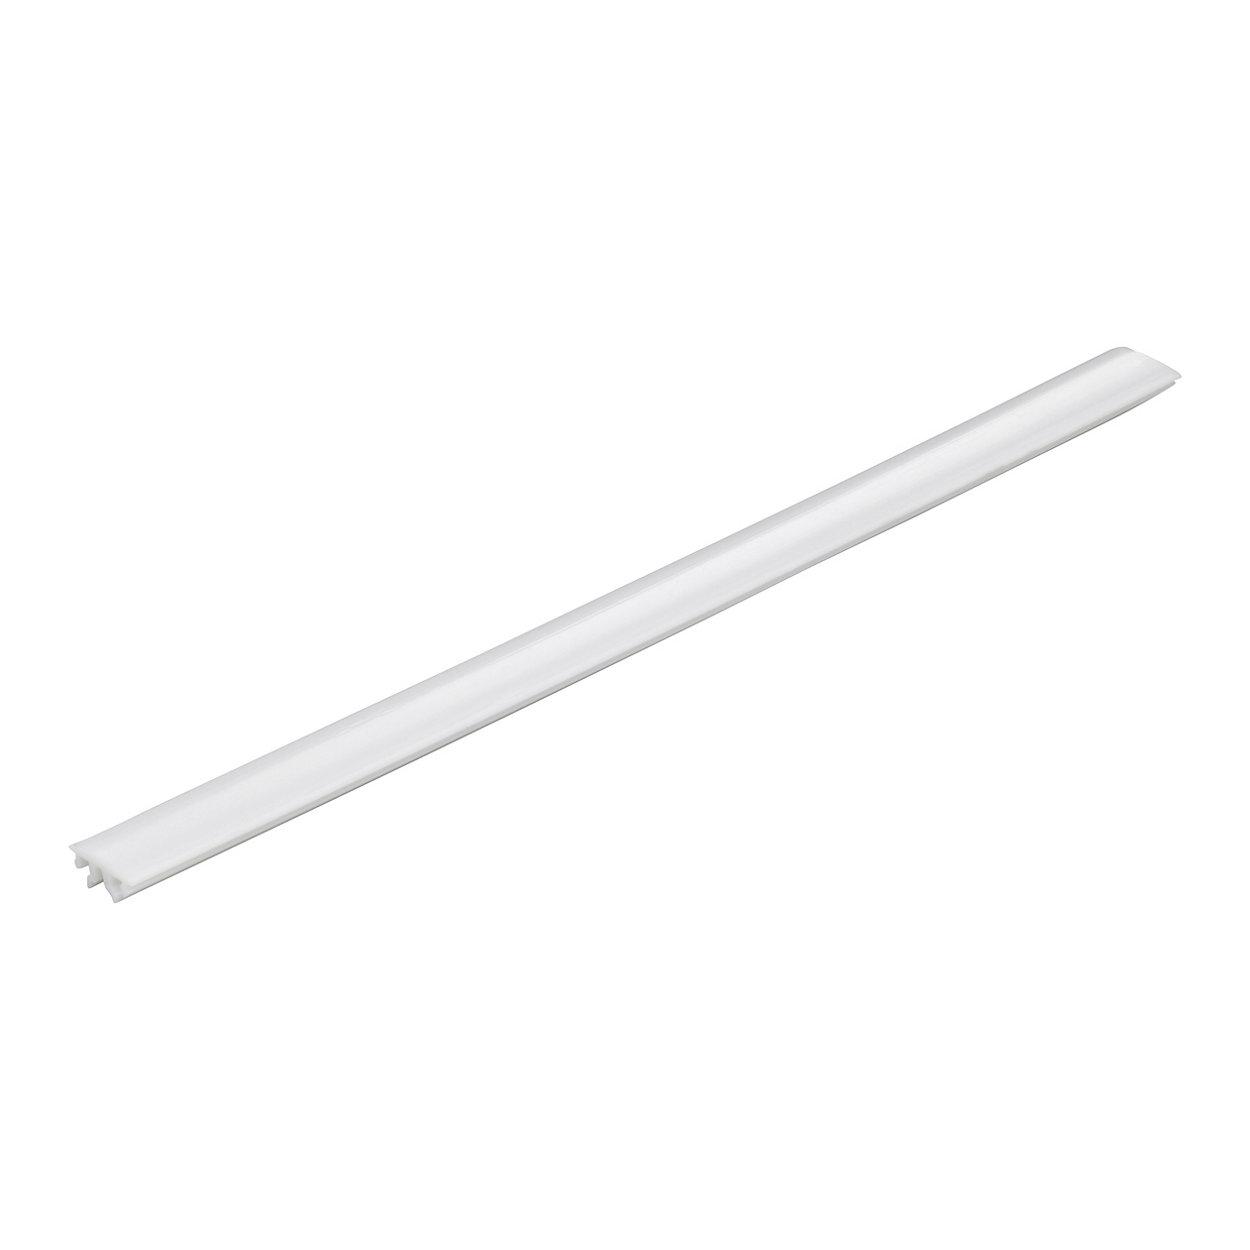 iColor Flex MX gen2 – Rubans flexibles constitués de nœuds LED haute intensité avec lumière de couleur intelligente